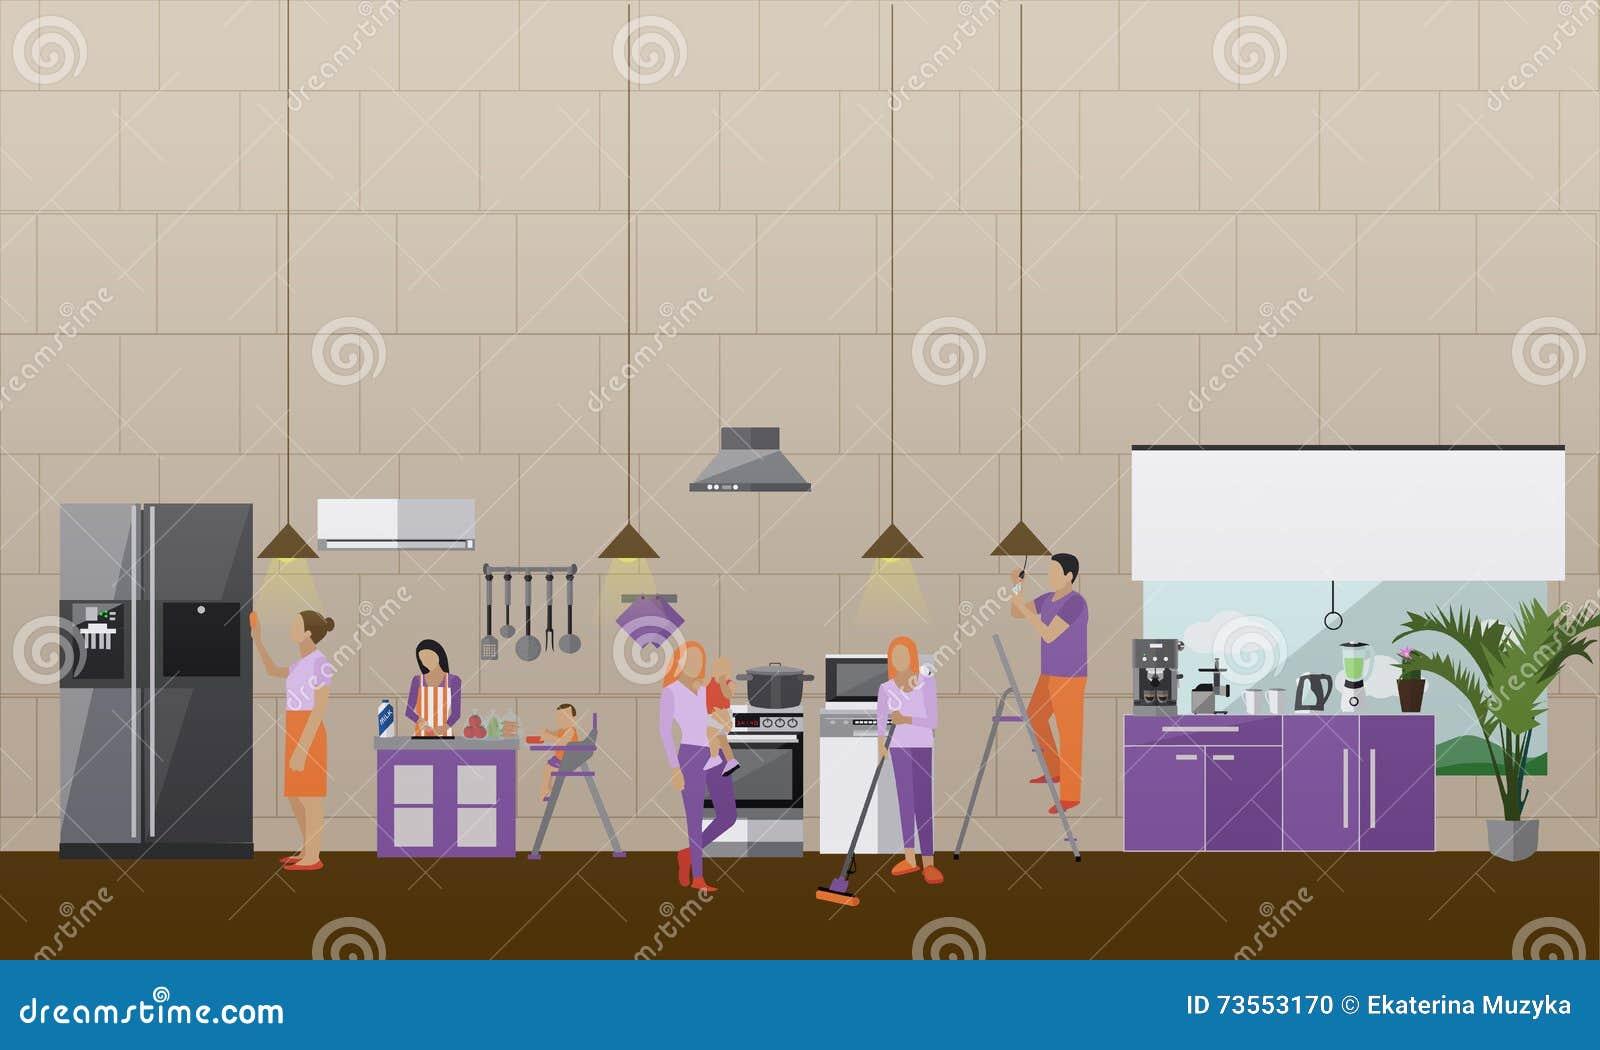 Bannière de vecteur de concept de service de nettoyage les gens nettoient la maison intérieur de cuisine d appartement équipe de